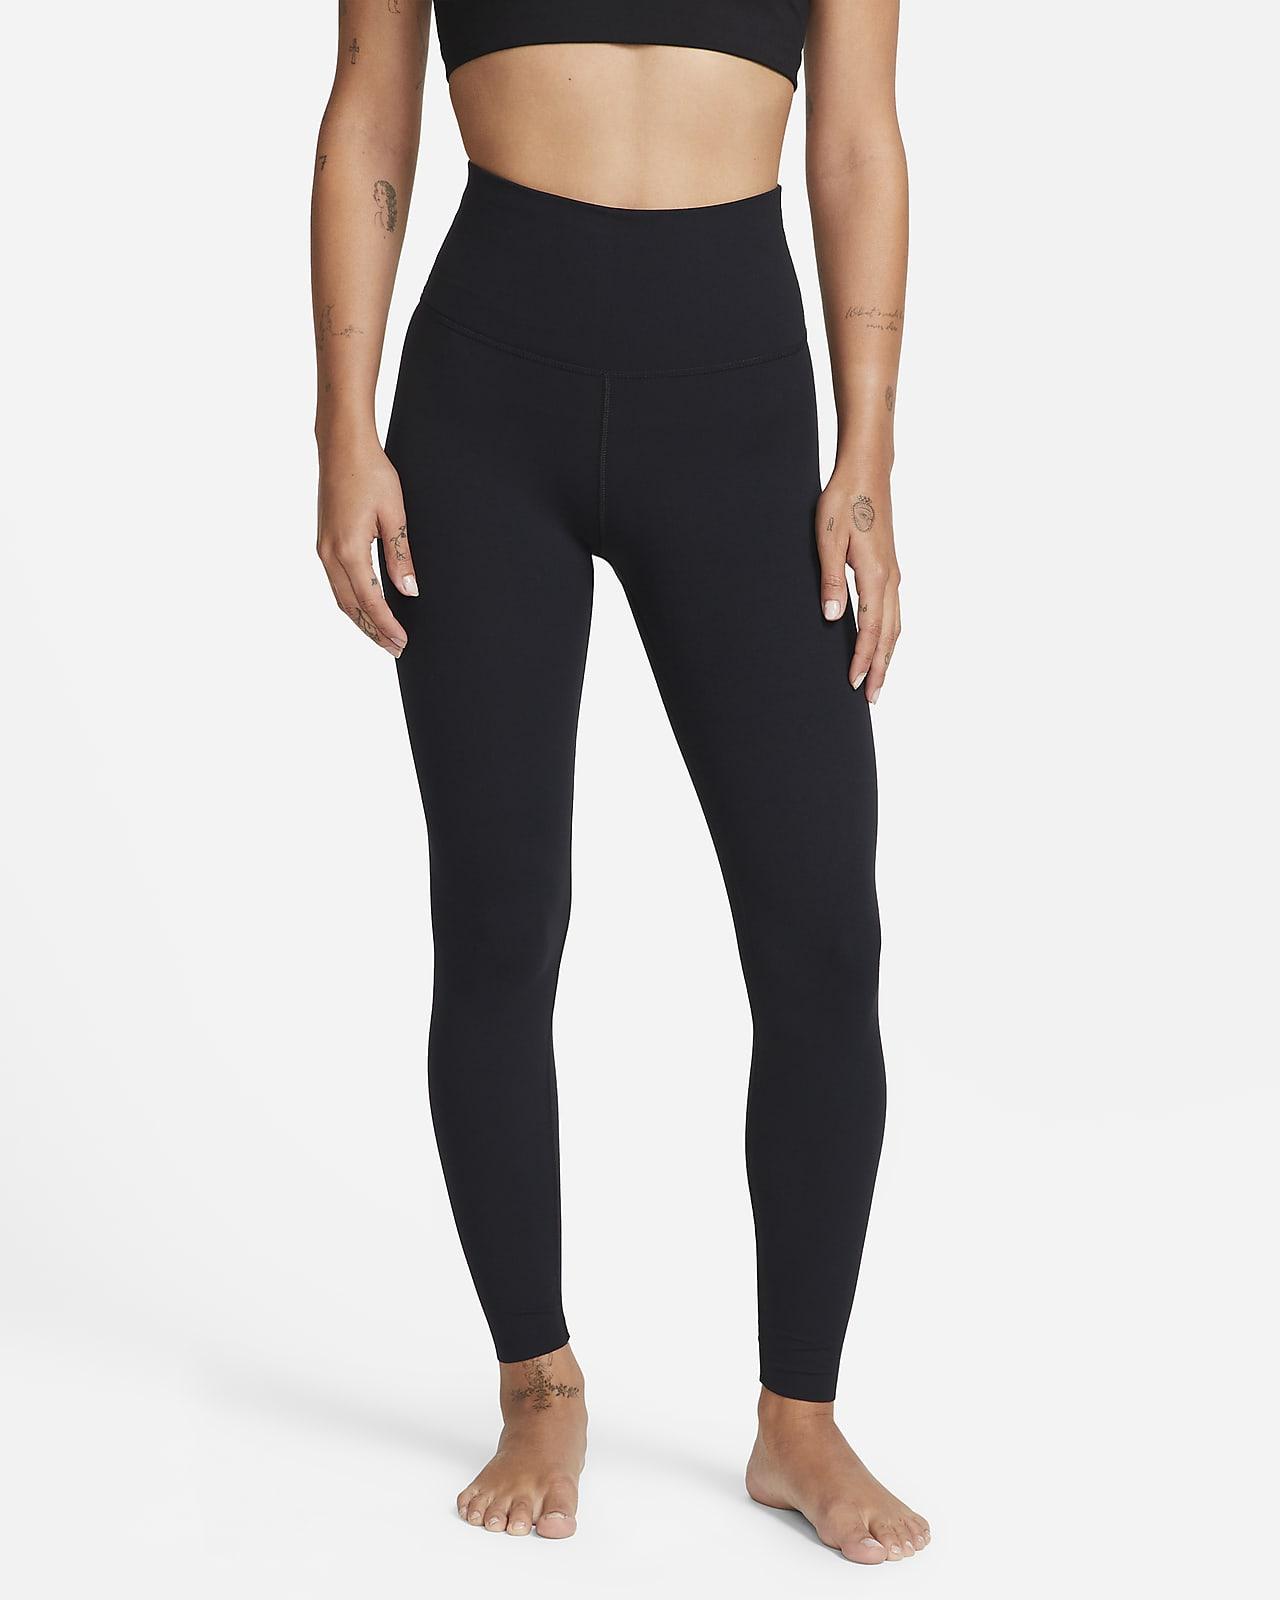 Nike Yoga Luxe Infinalon 7/8 女子紧身裤